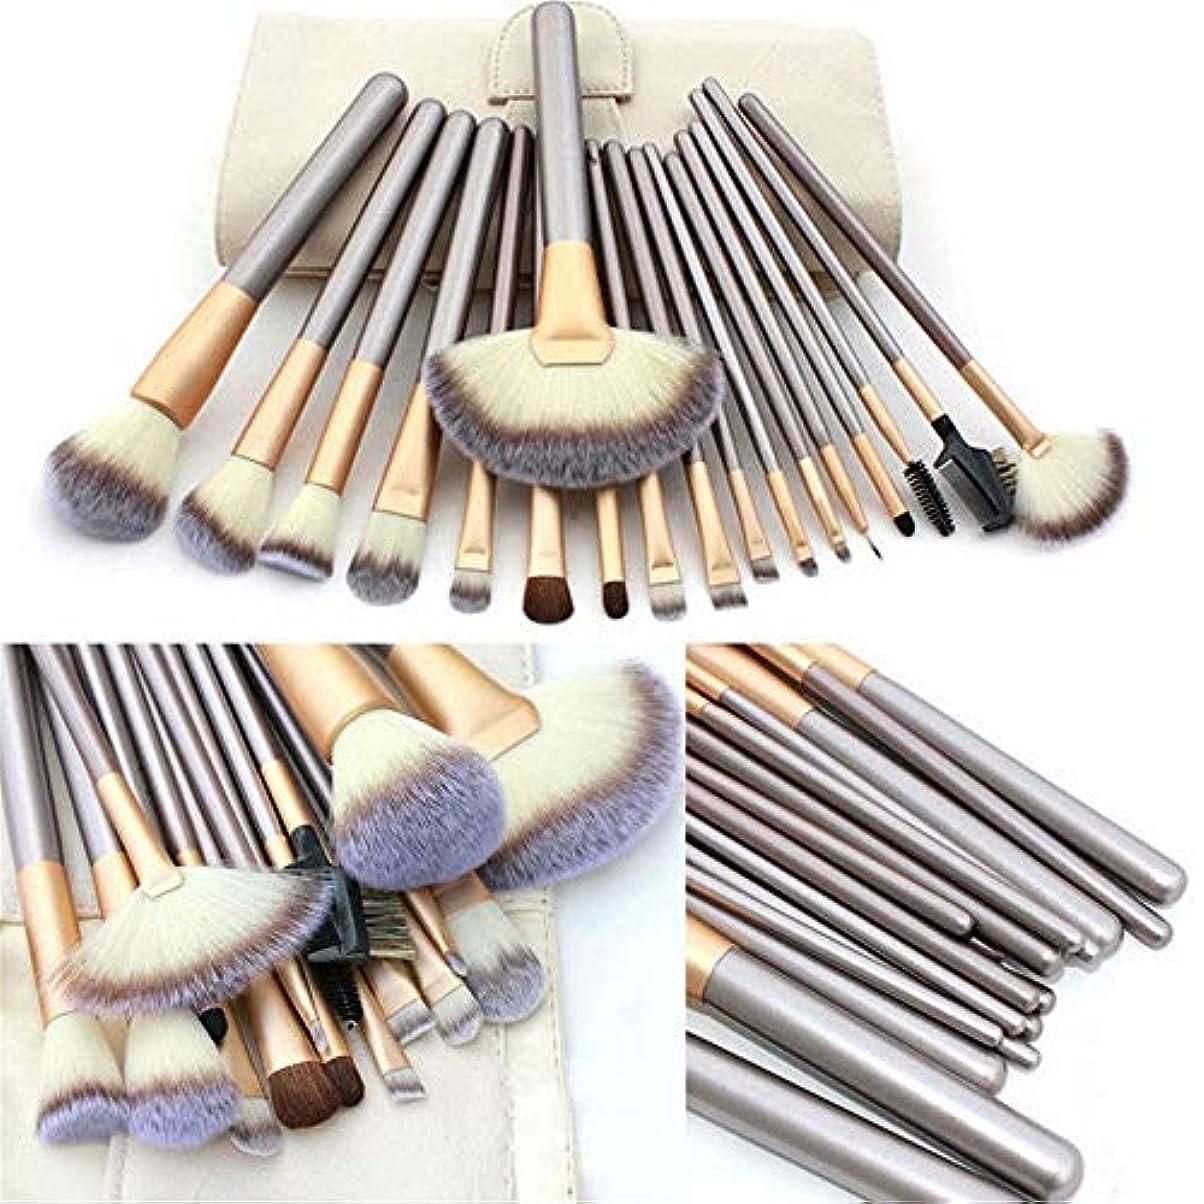 属性オープニング白菜Makeup brushes ナイロンヘア、PUレザーエクリュメイクアップブラシセットポーチ、18個プロフェッショナルメイクアップブラシカウンターシンク suits (Color : Beige)